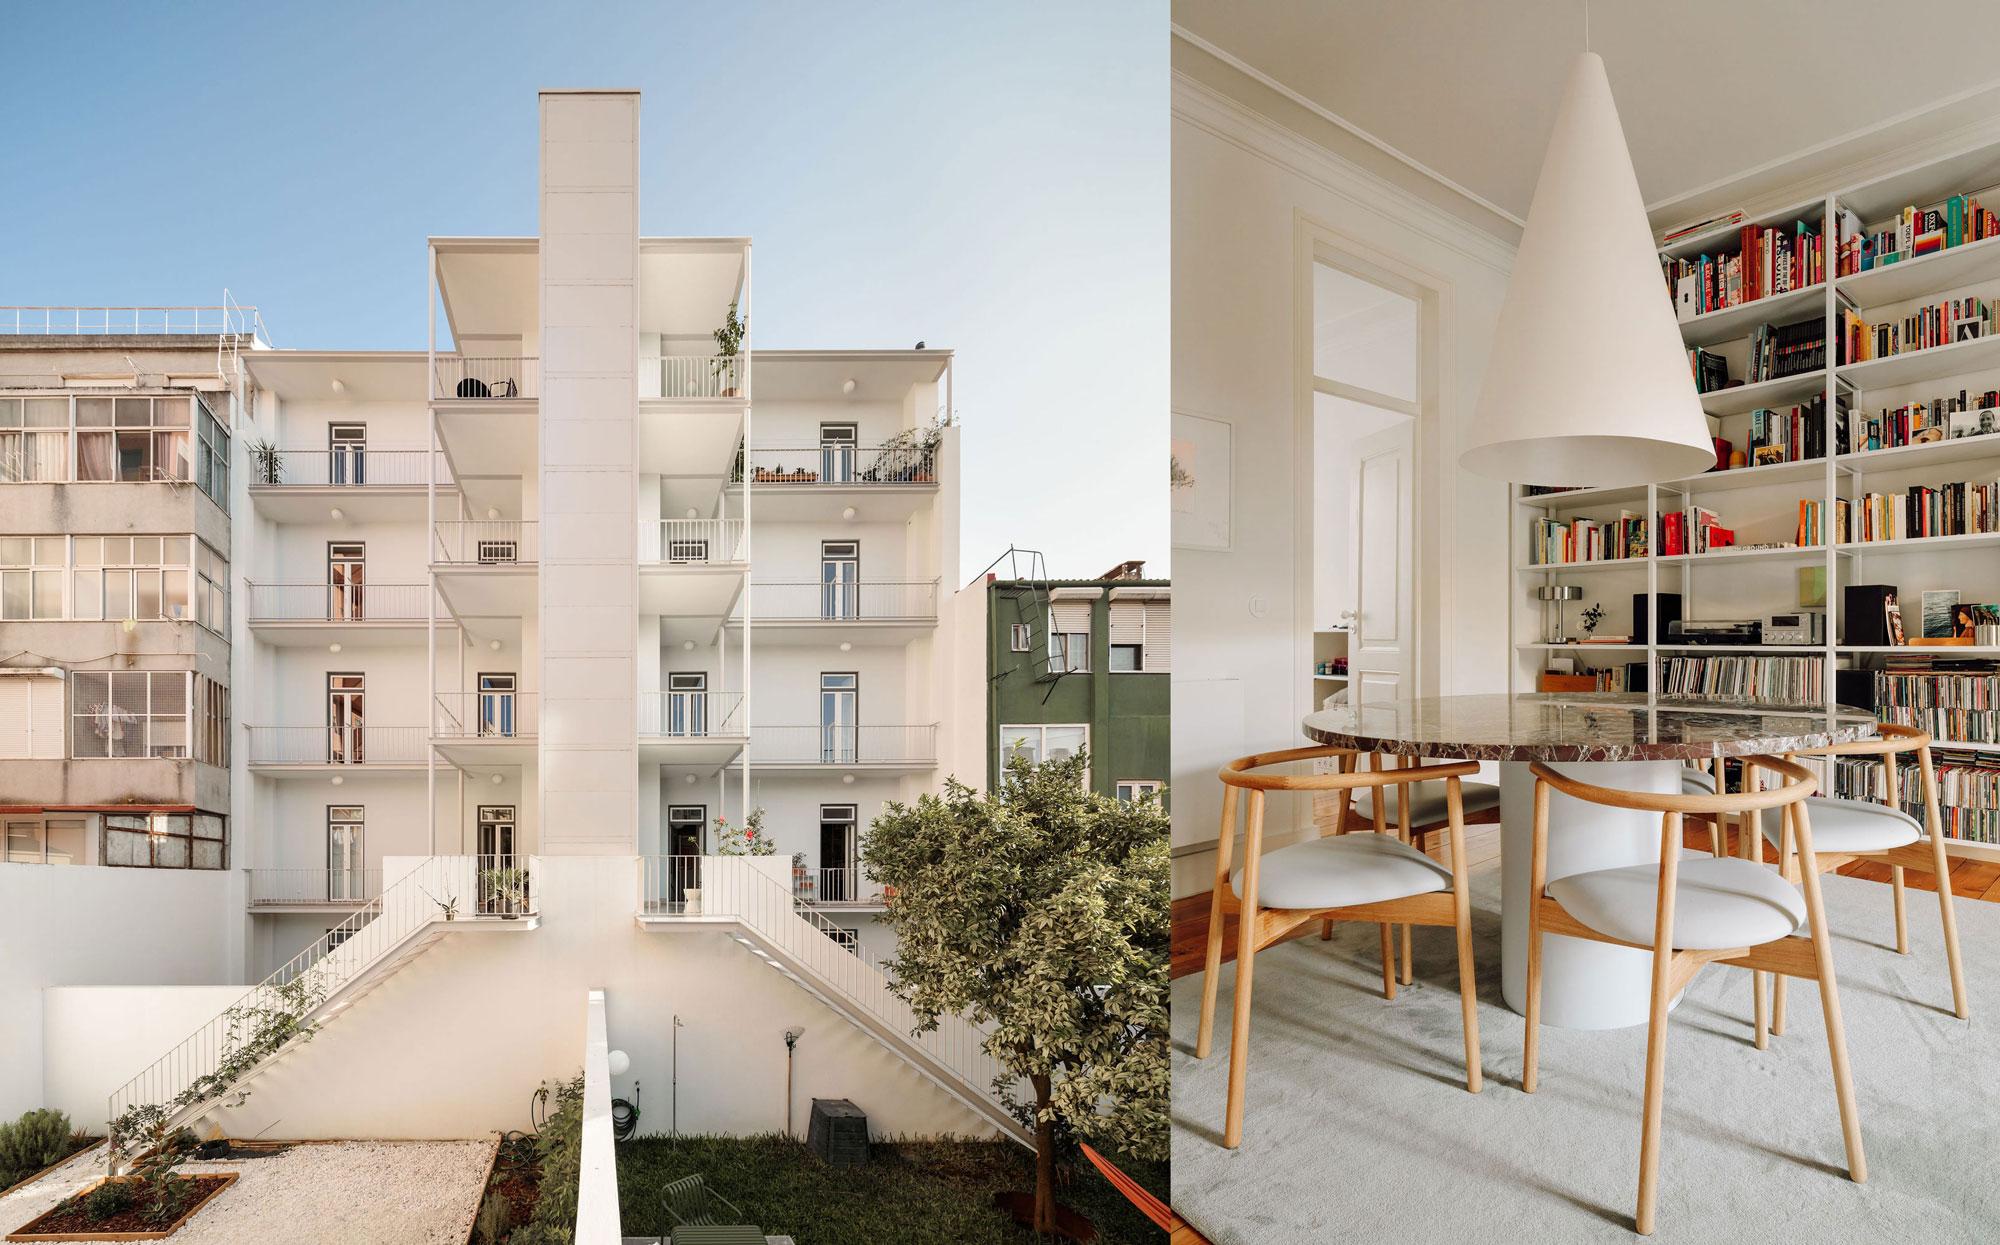 Vorbildliches Restaurierungsprojekt in Lissabon von rar.studio